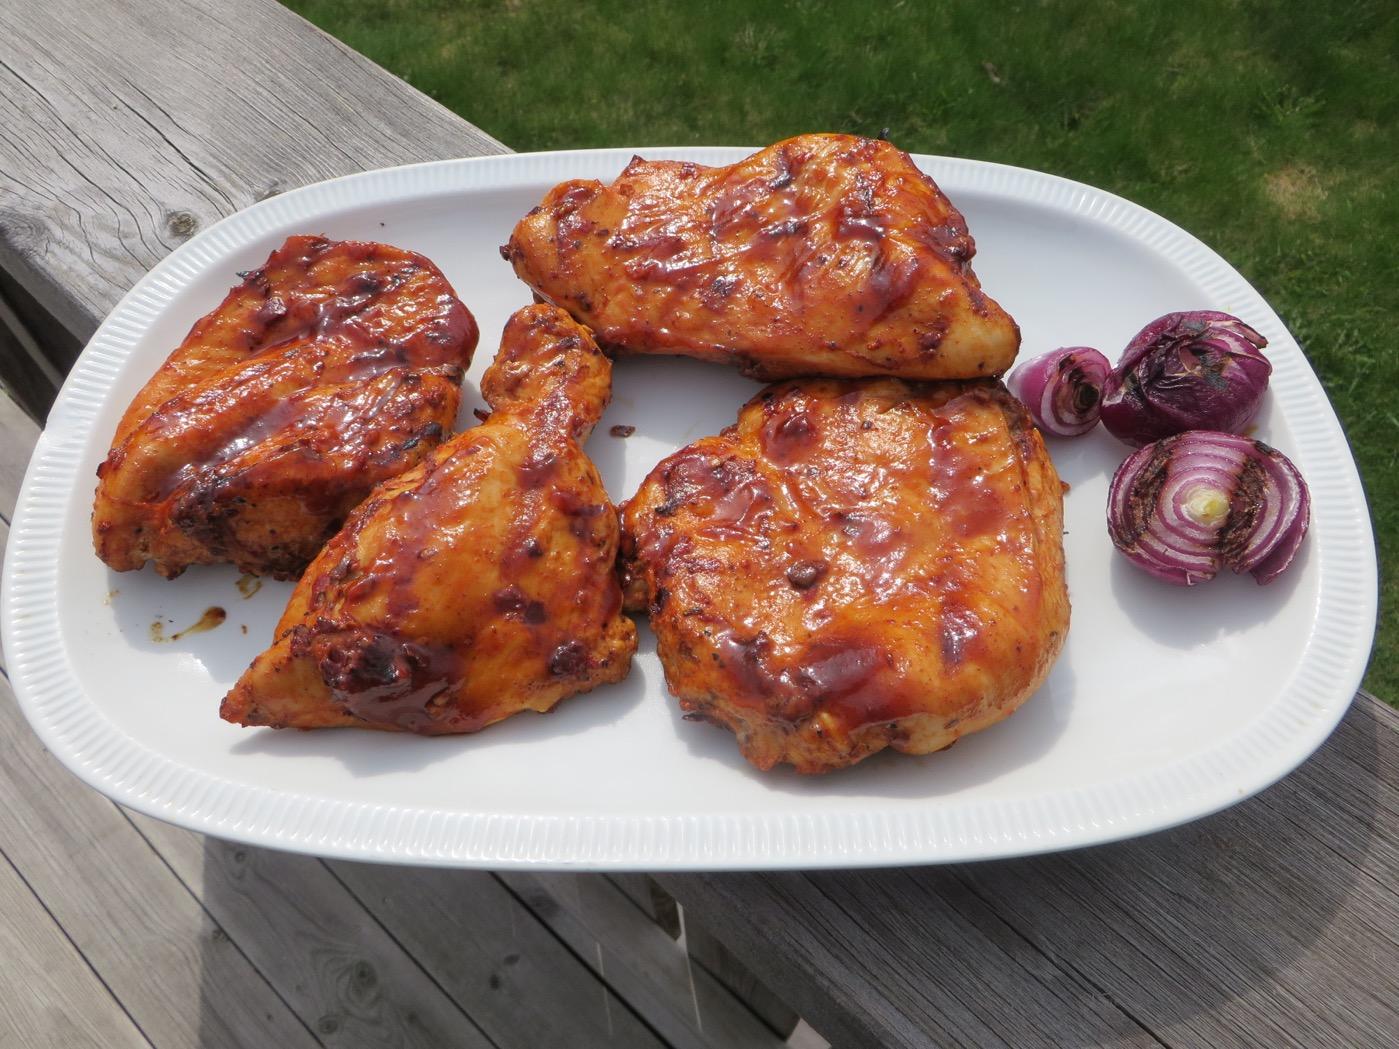 Färdiggrillad kyckling och rödlök.